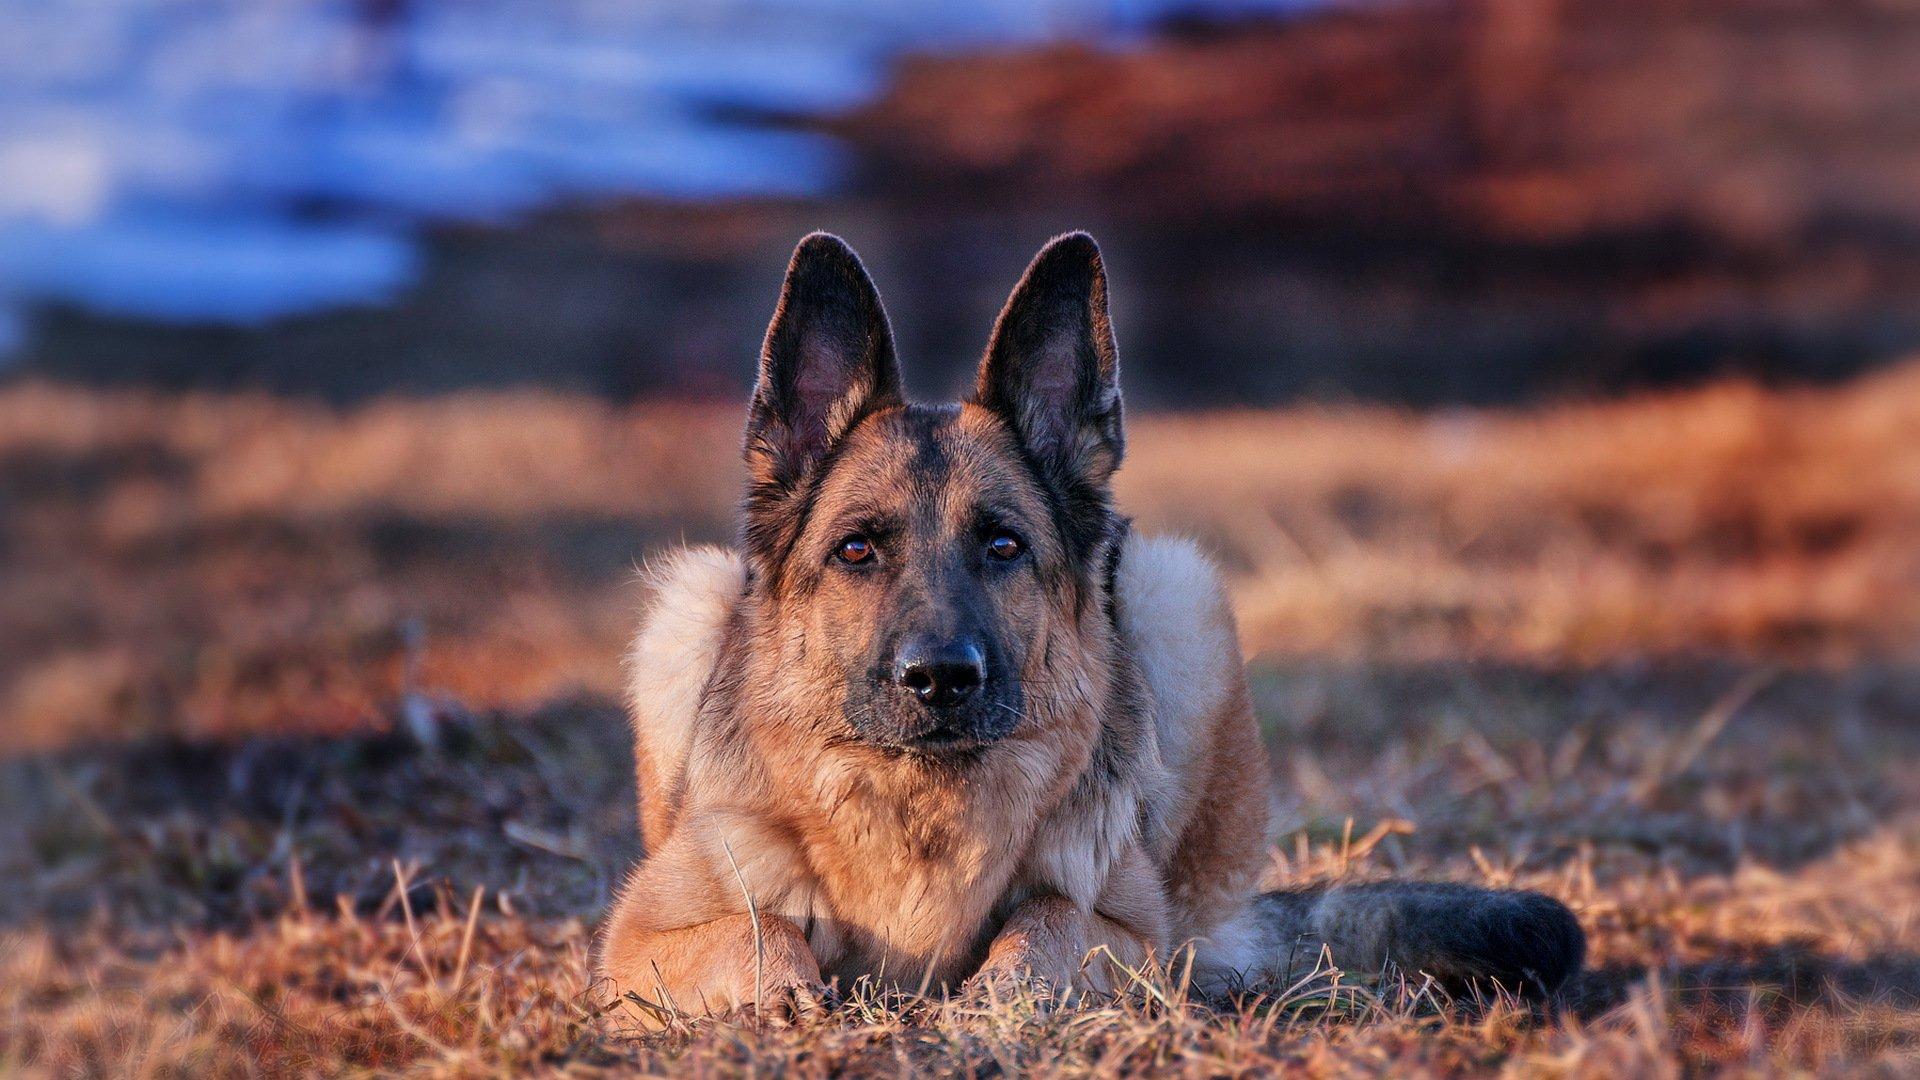 битумной картинки собак обои кленового сиропа это